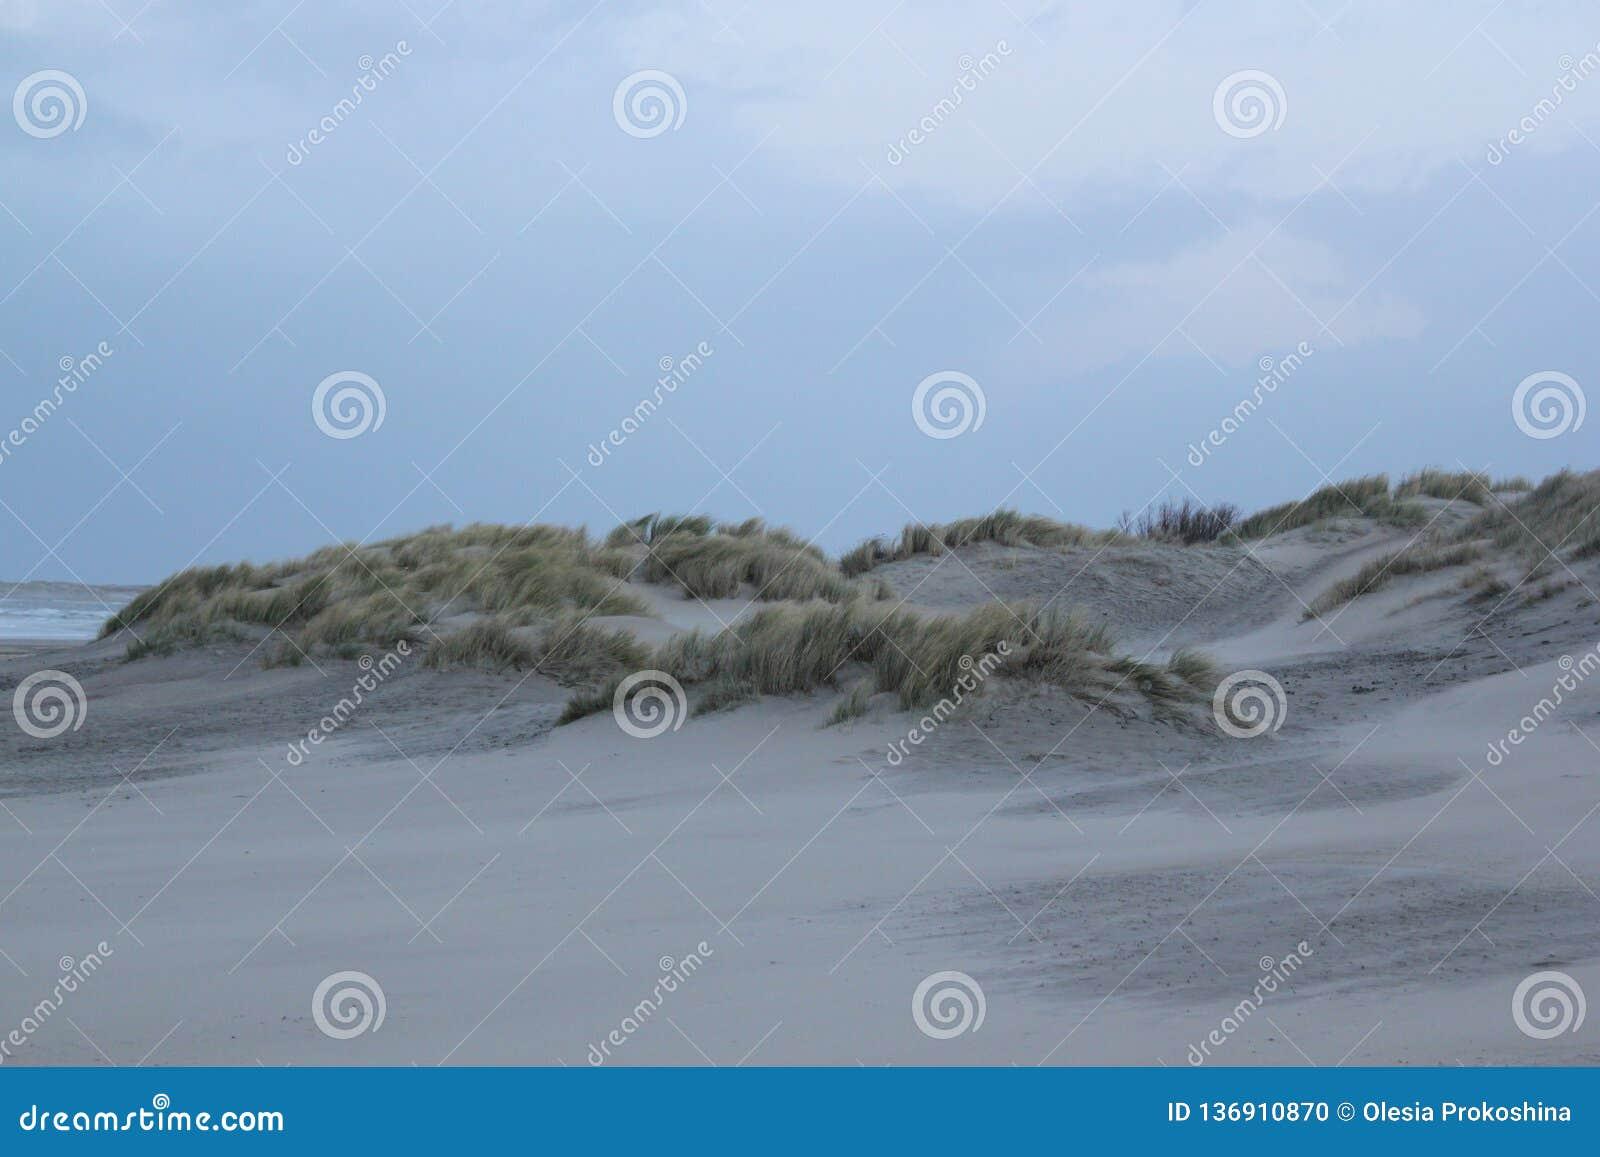 Duinen met gras bij de kust van de Noordzee in Zeeland in Nederland